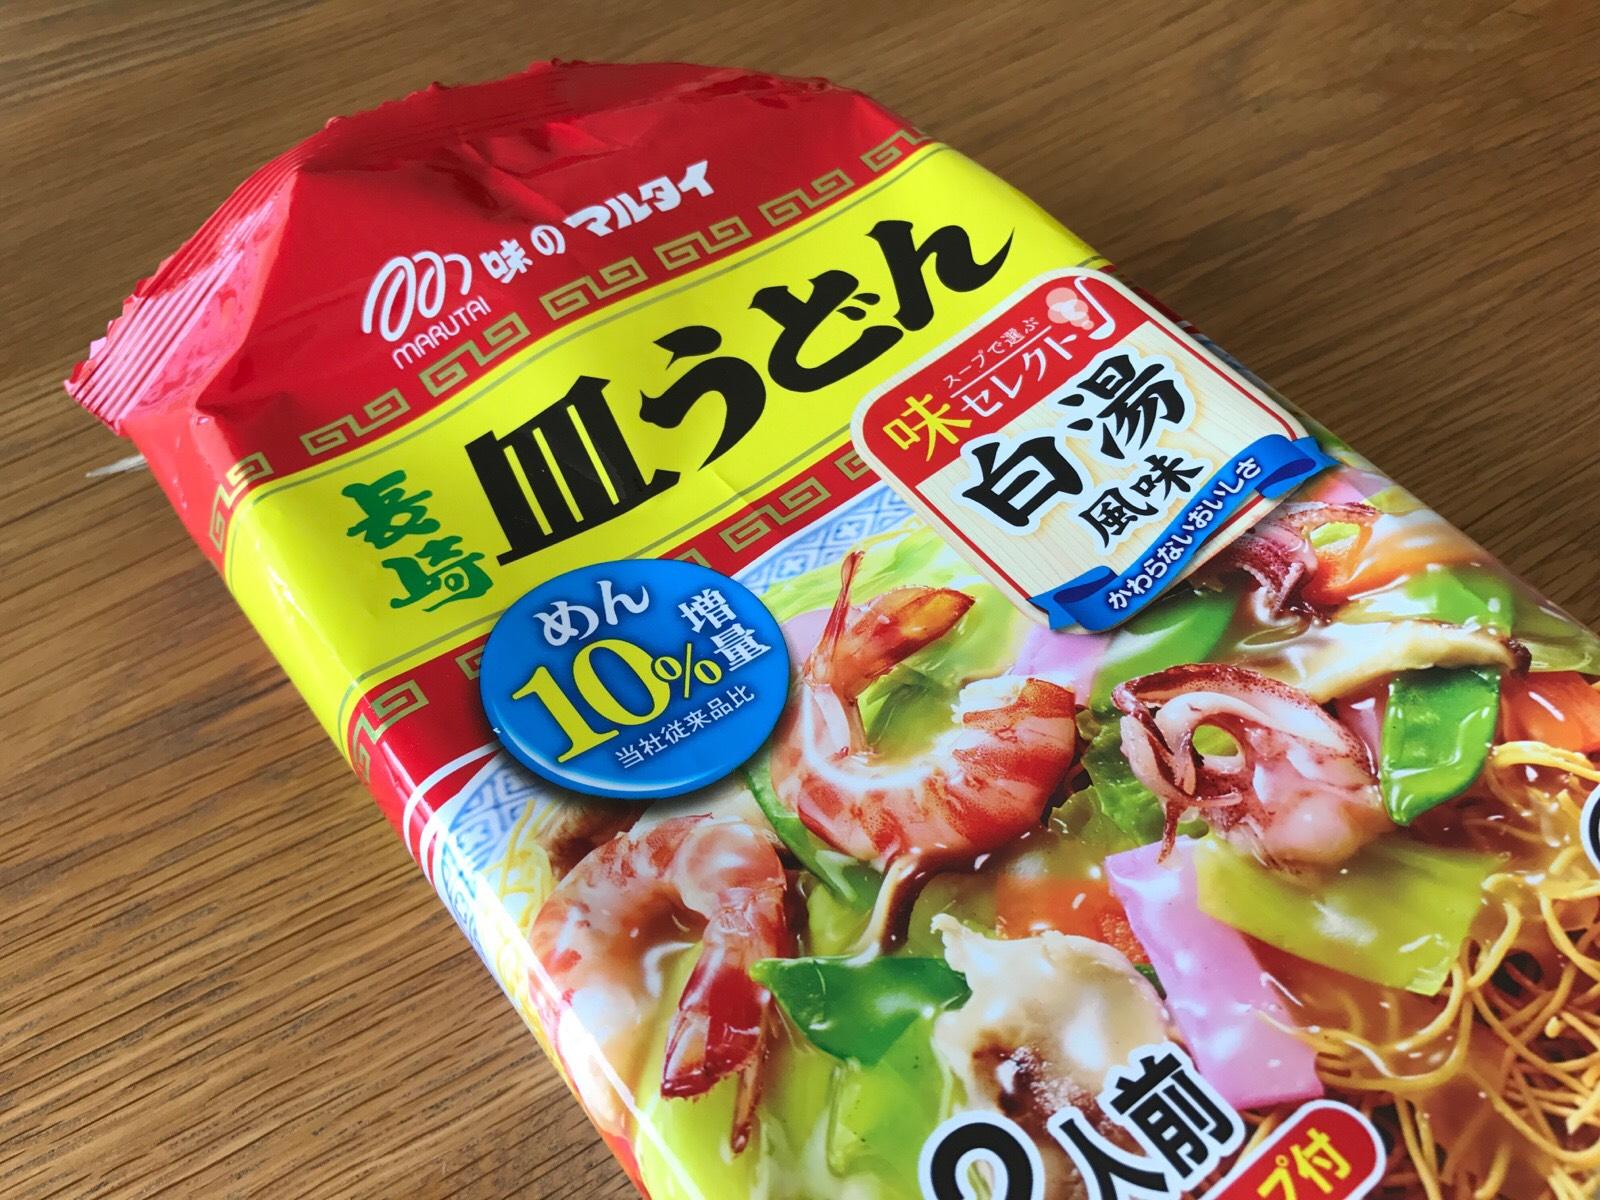 『長崎皿うどん』:これは夏休みメニューのレギュラー入り確定かも